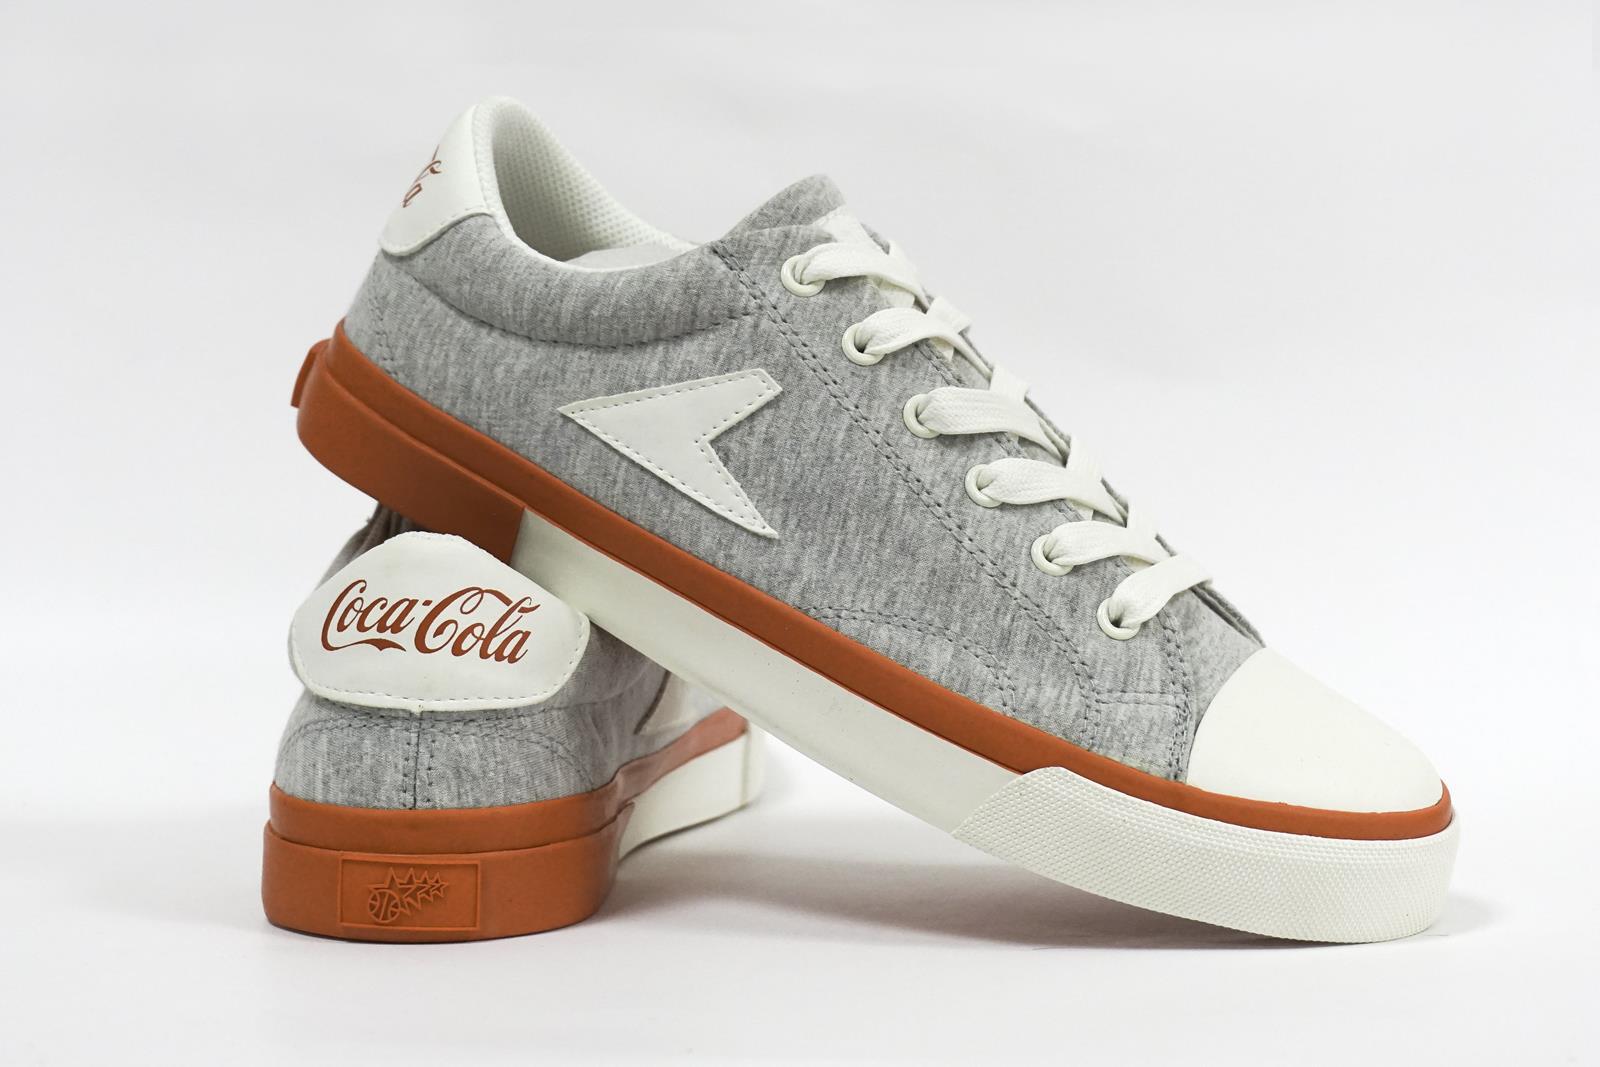 scarpe coca cola